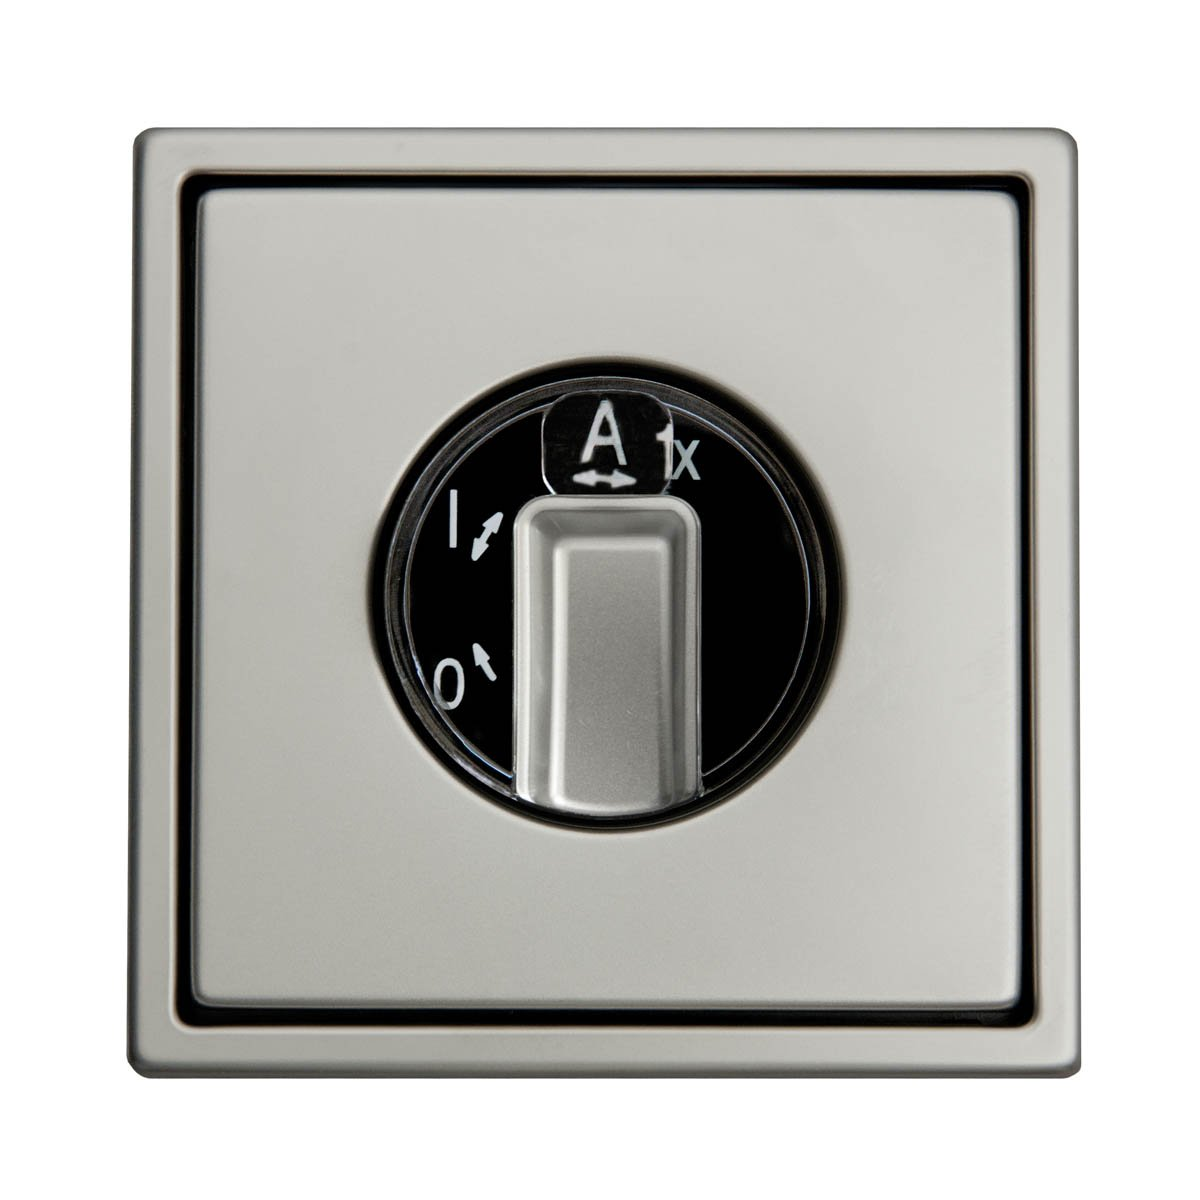 Js-Ls- it R Arnold Außenlichtschalter for motion sensor, matches ...